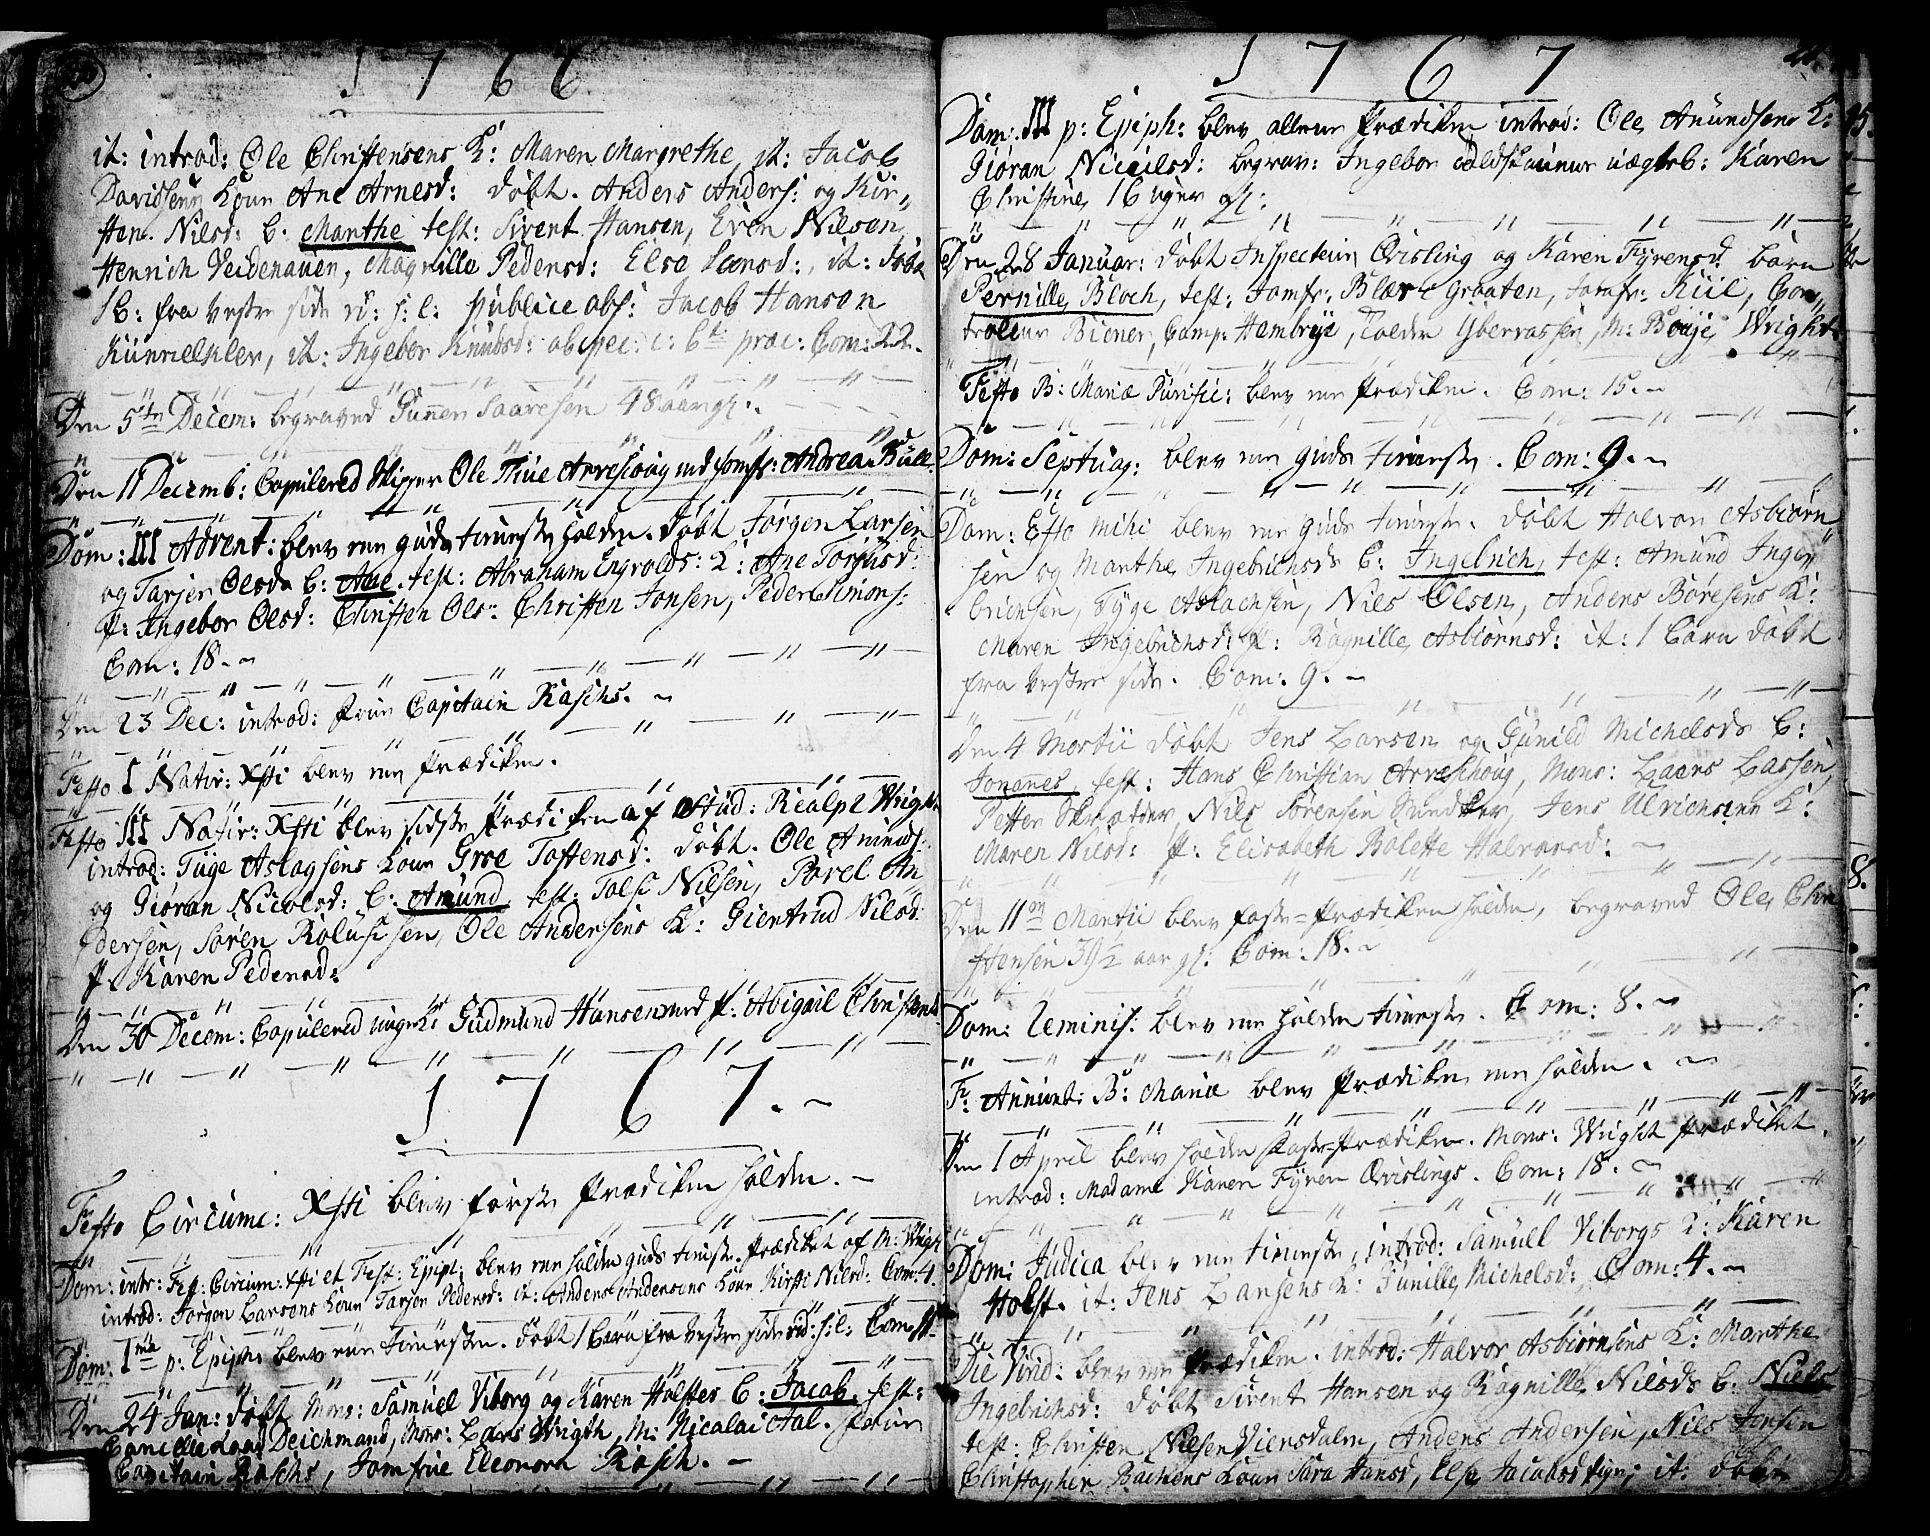 SAKO, Porsgrunn kirkebøker , F/Fa/L0002: Ministerialbok nr. 2, 1764-1814, s. 20-21